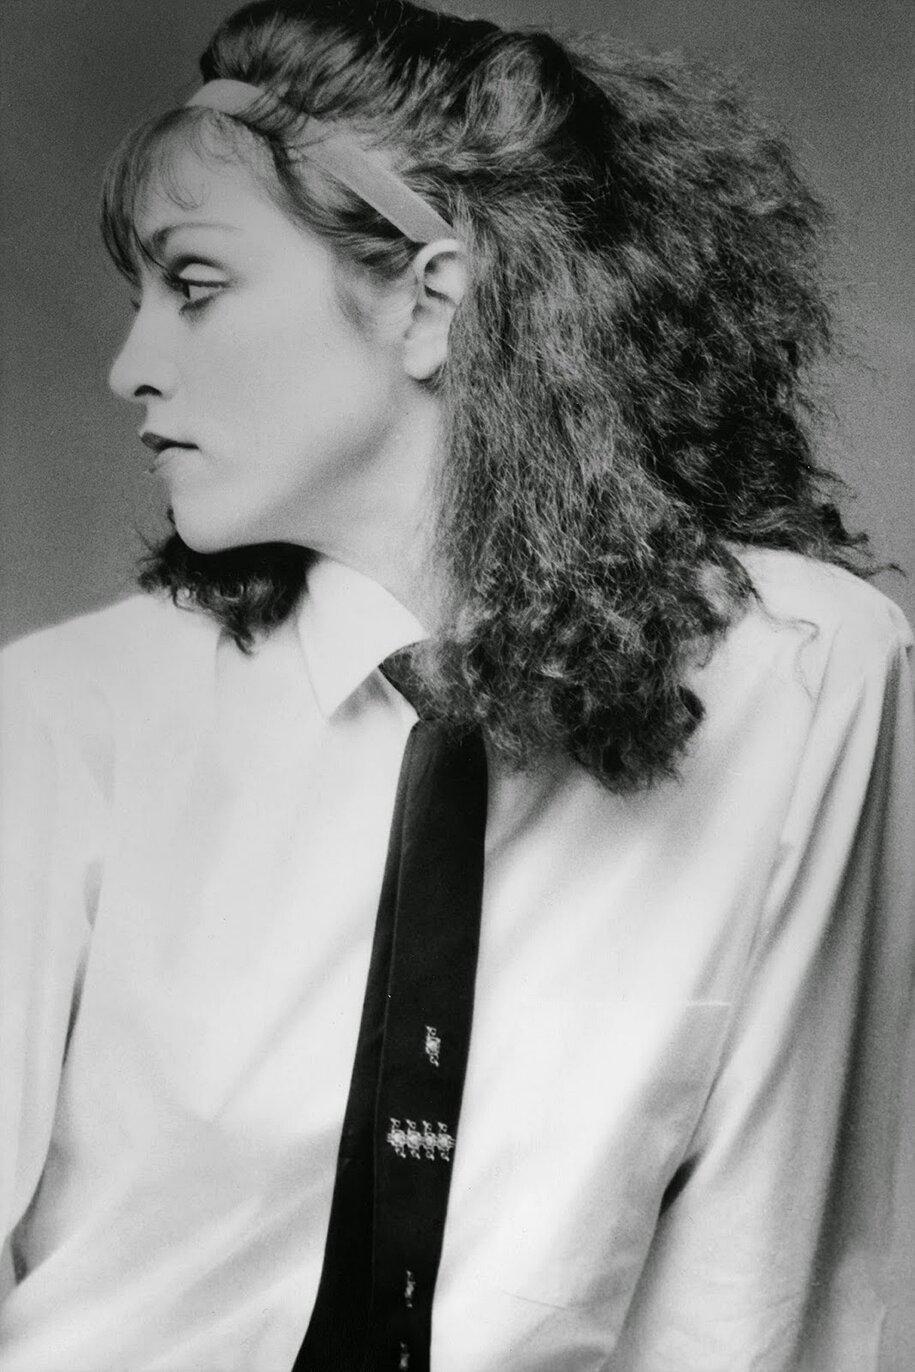 madonna-foto-anni-70-prima-di-diventare-famosa-new-york-11